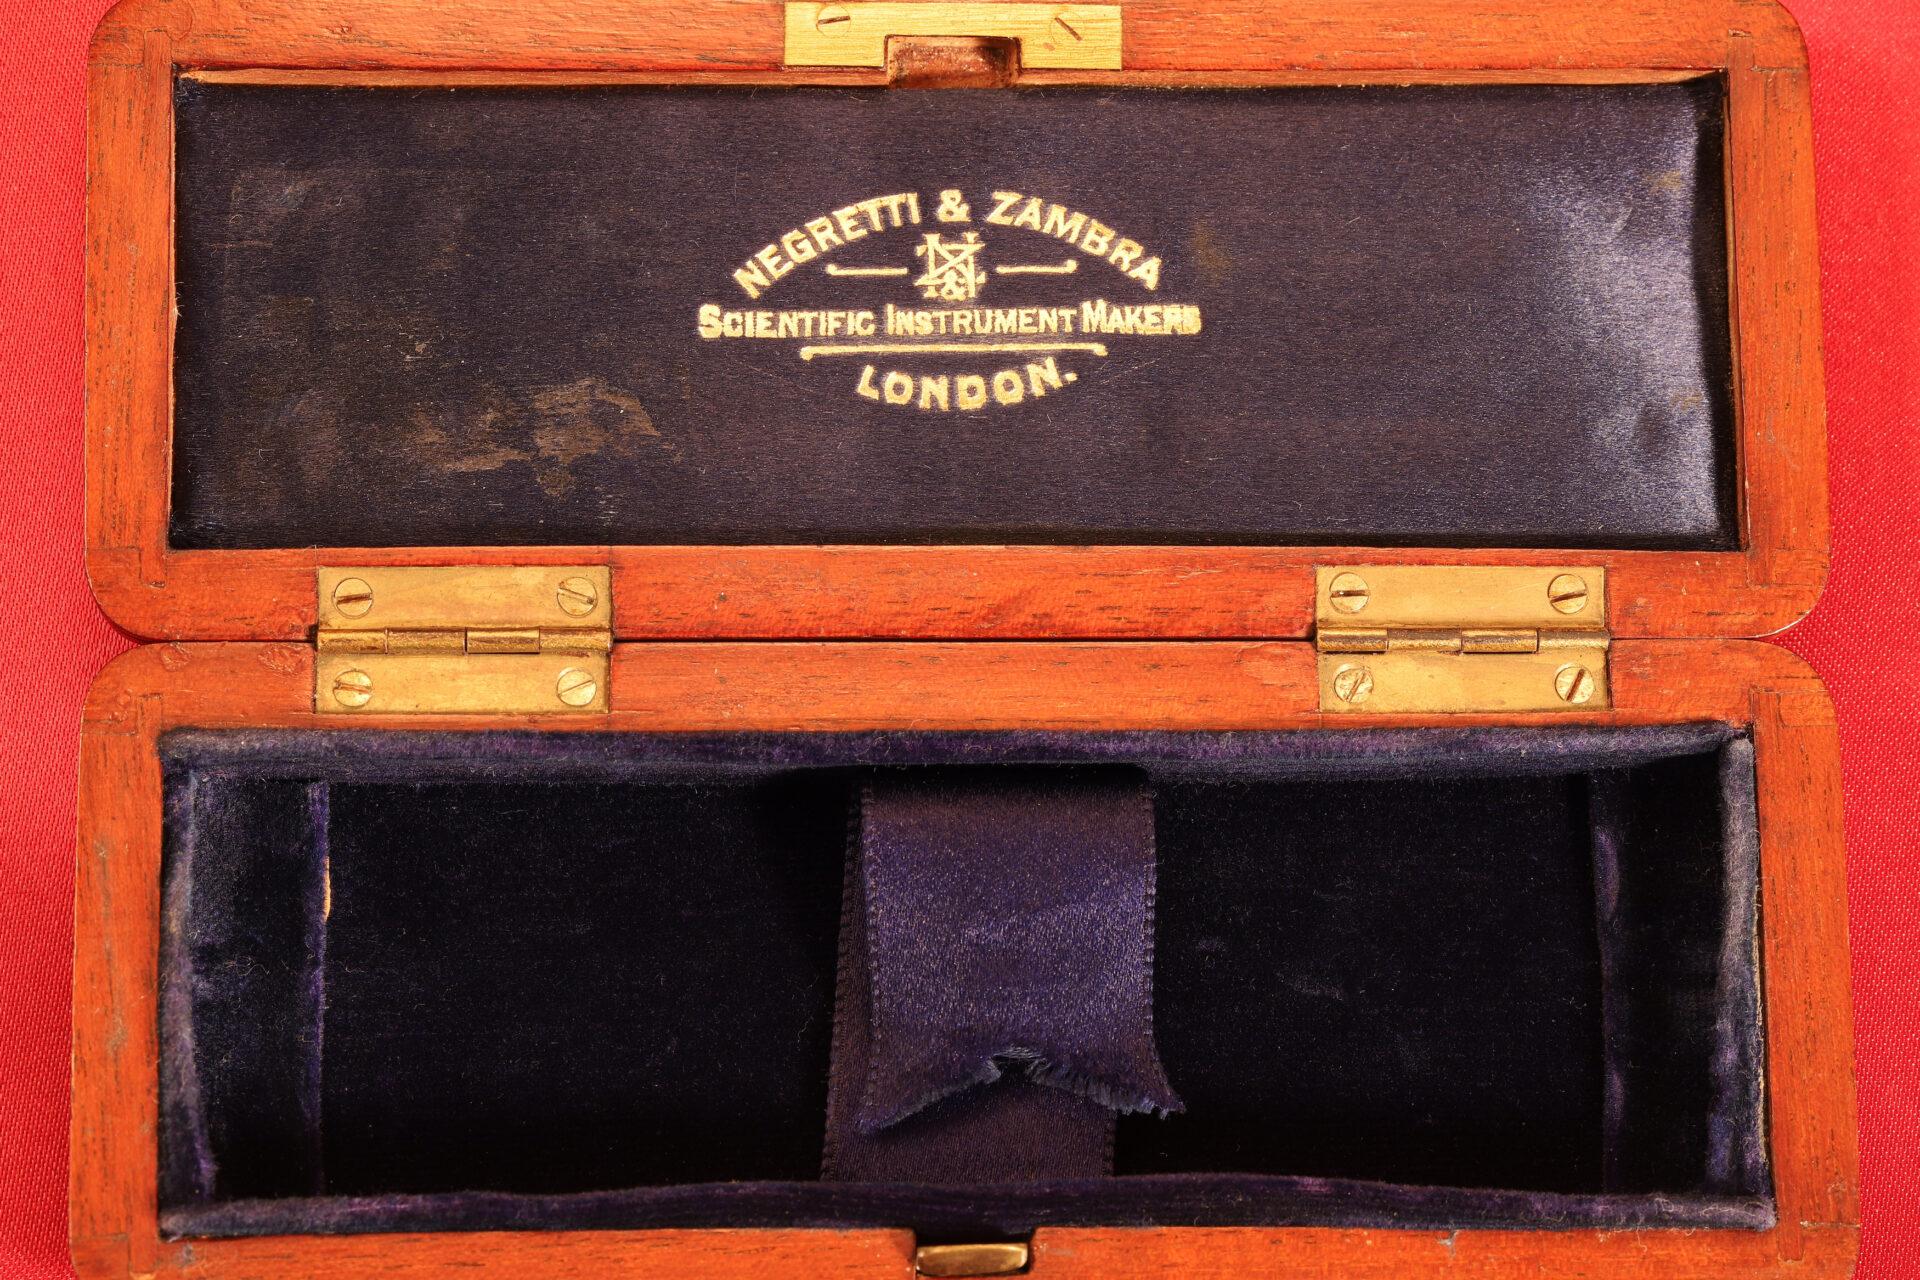 Image of open travel case for Negretti & Zambra Scientific Thermometers c1915